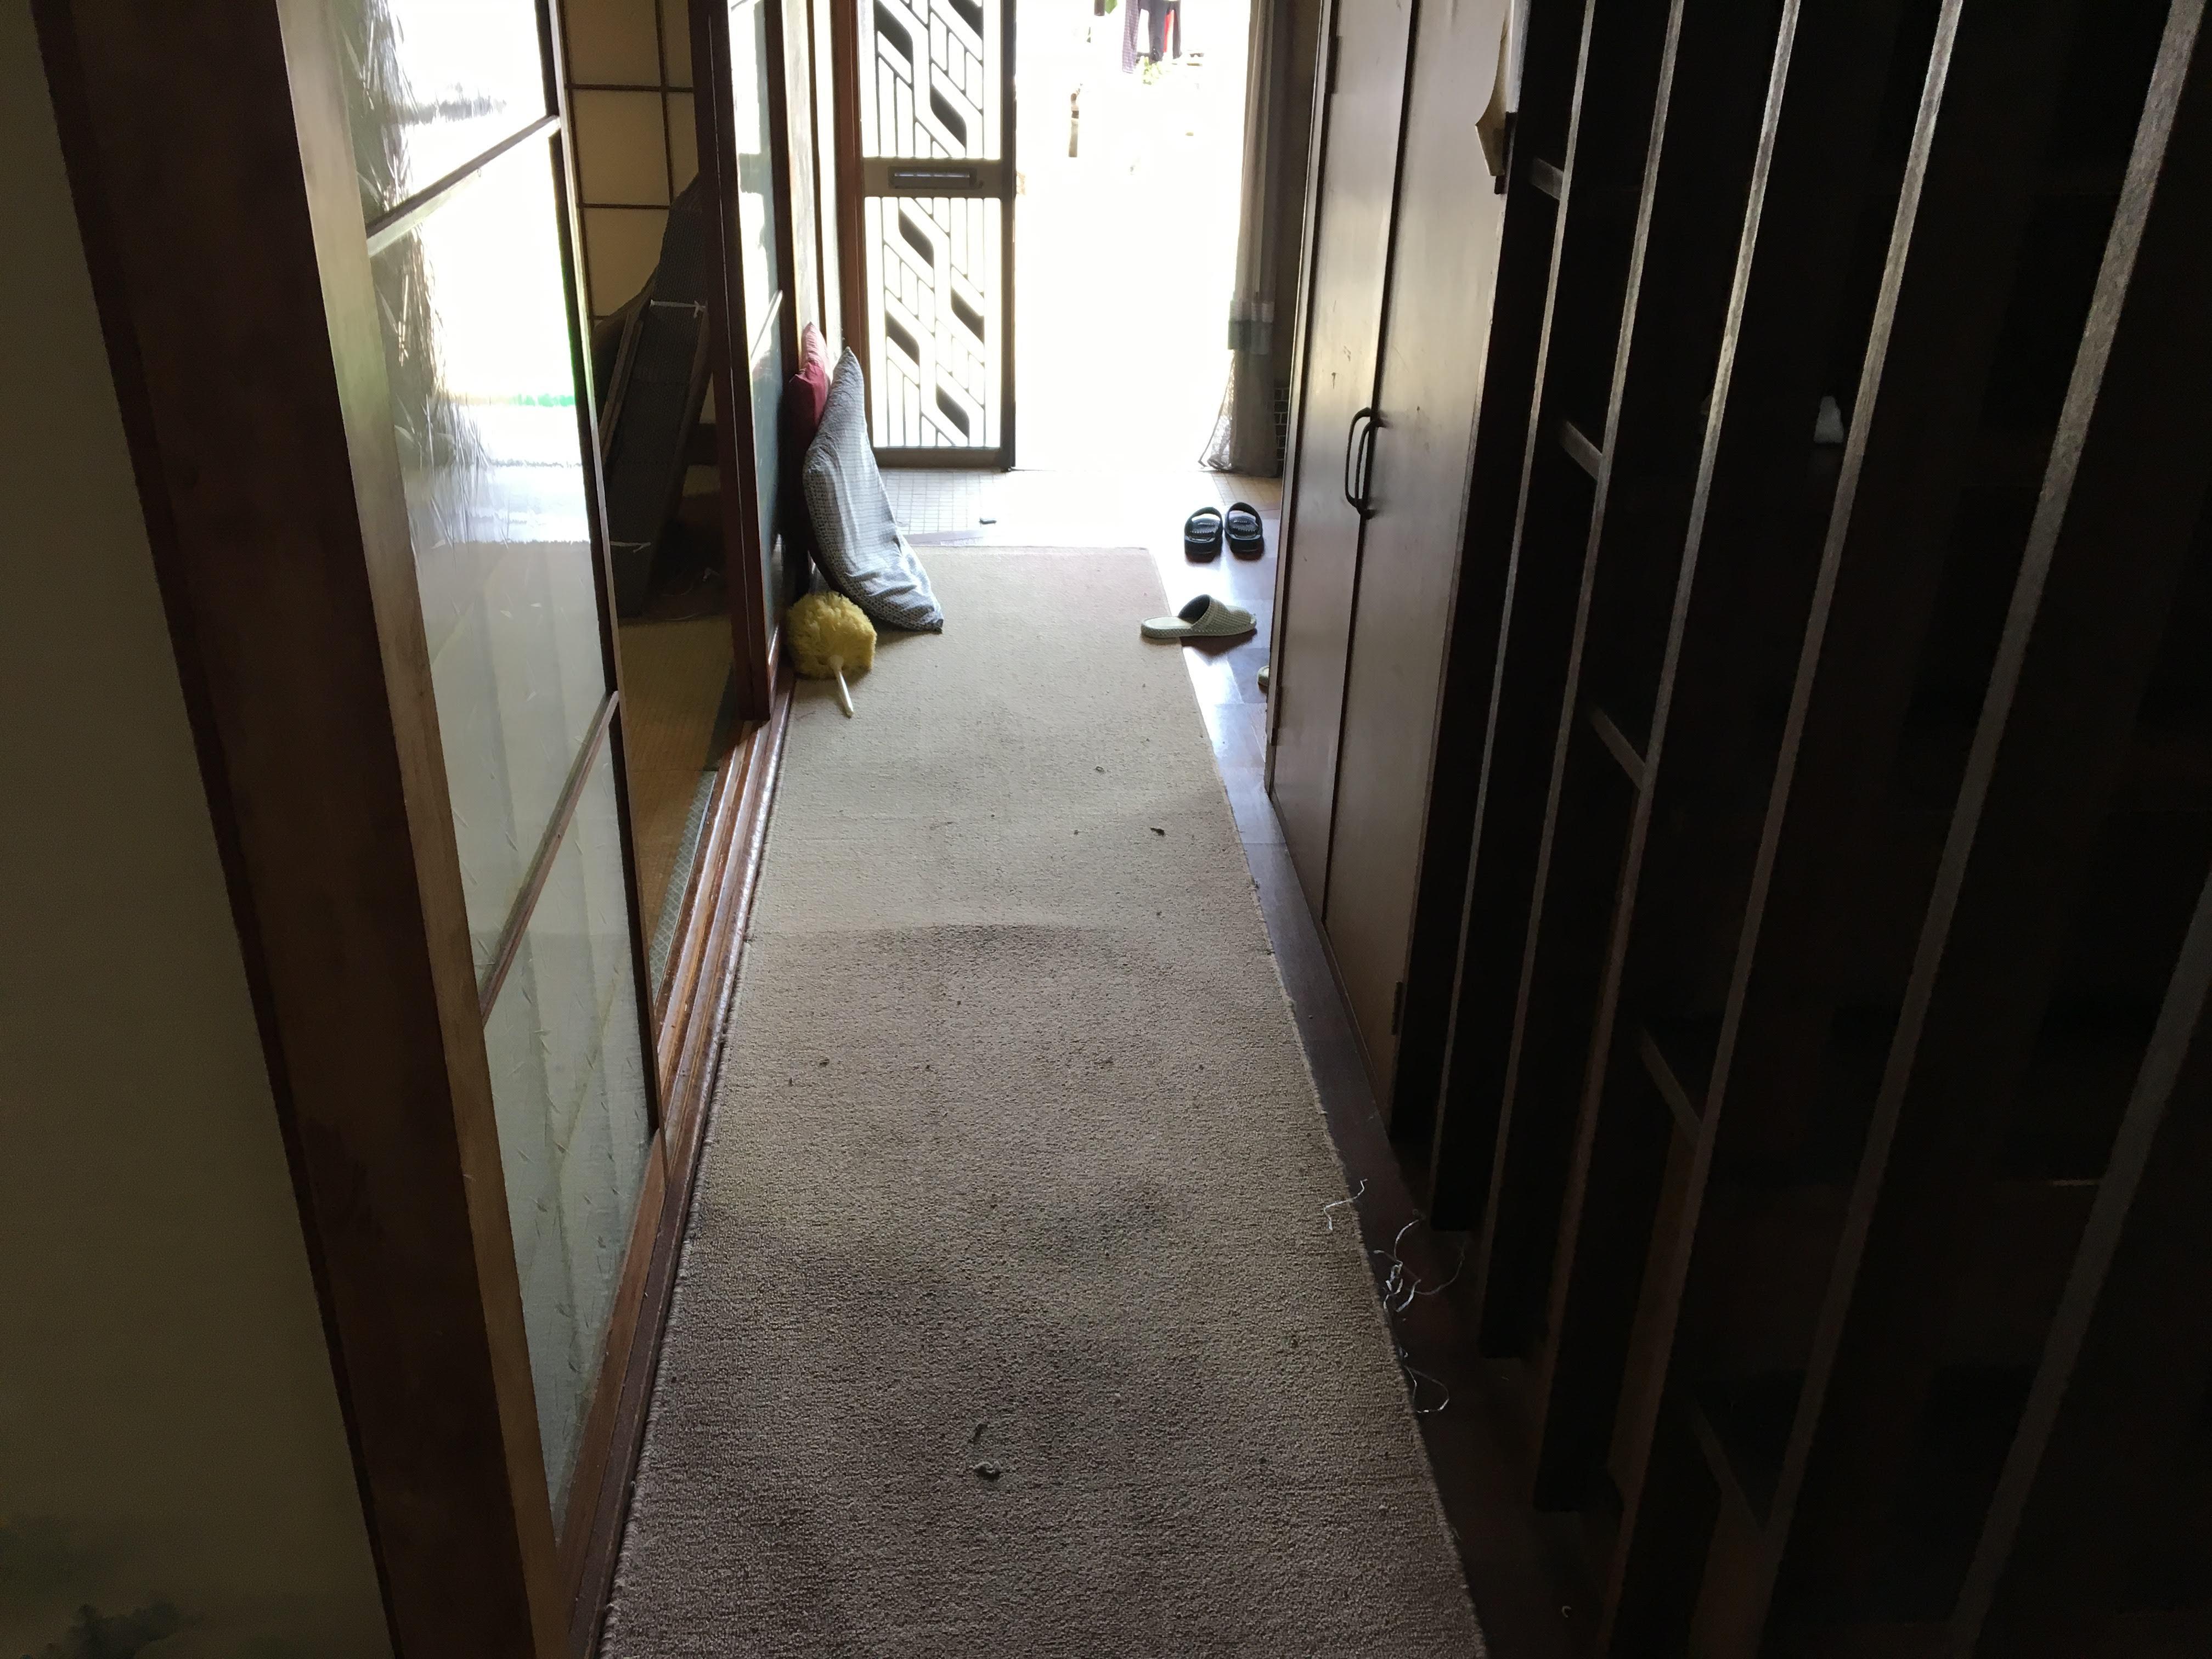 廊下・玄関も昔ながらの物でした。 廊下は床が抜けそうなくらい、劣化しておりました。